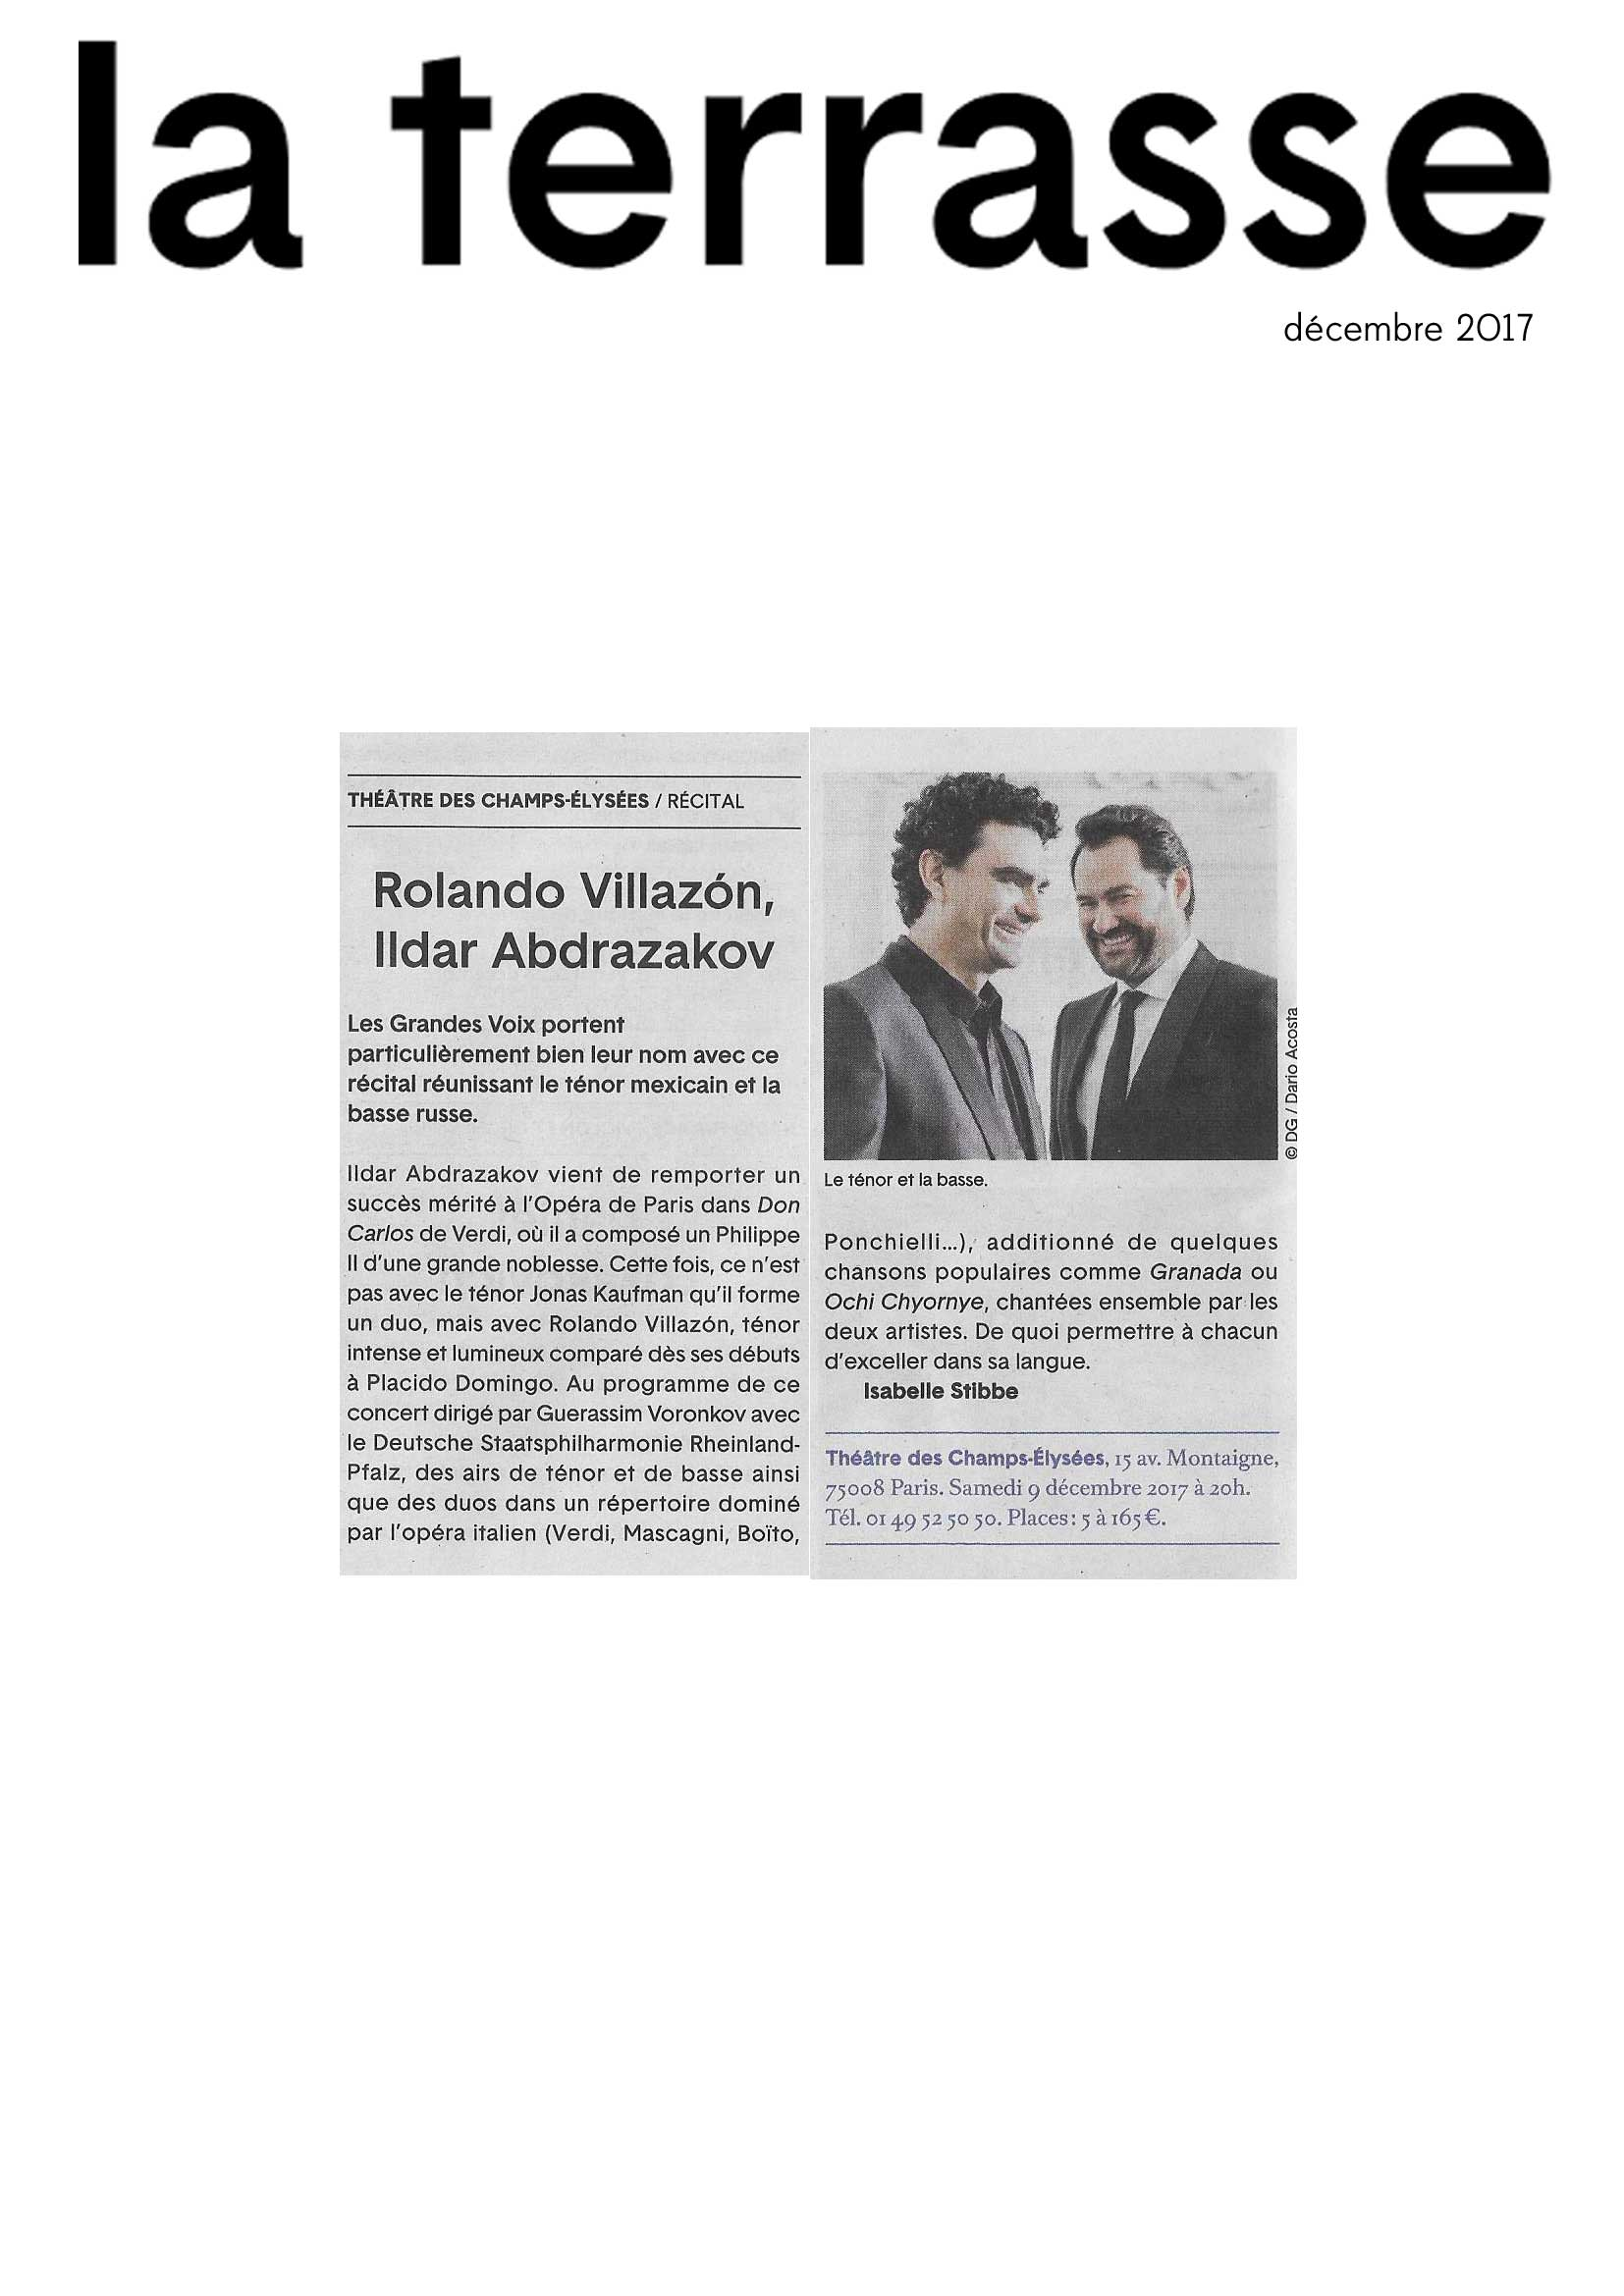 Annonce du récital de Rolando Villazón et Ildar Abdrazakov au Théâtre des Champs-Elysées le 9 décembre 2017 dans le numéro de La Terrasse de décembre 2017.